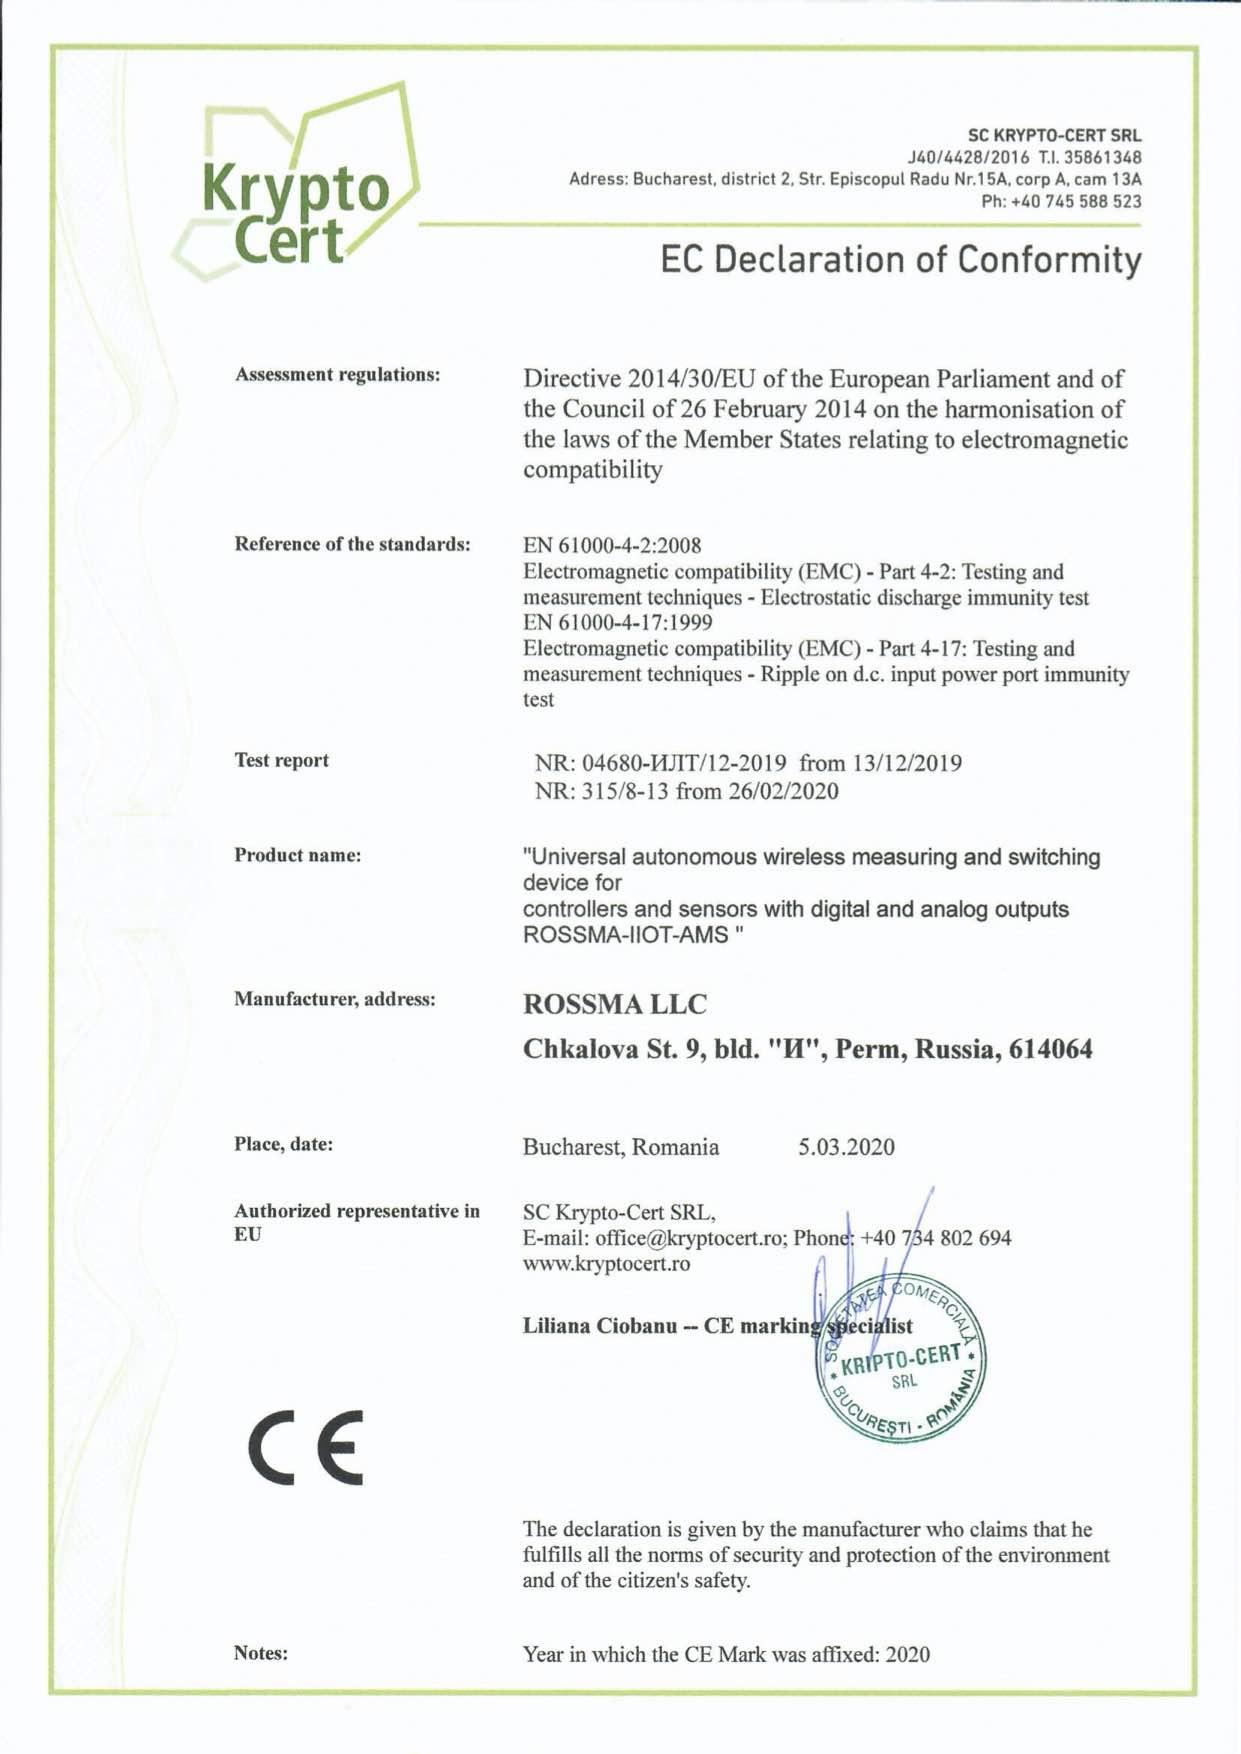 Декларация EC о соответствии  стандартам, нормам и директивам Европейского Союза